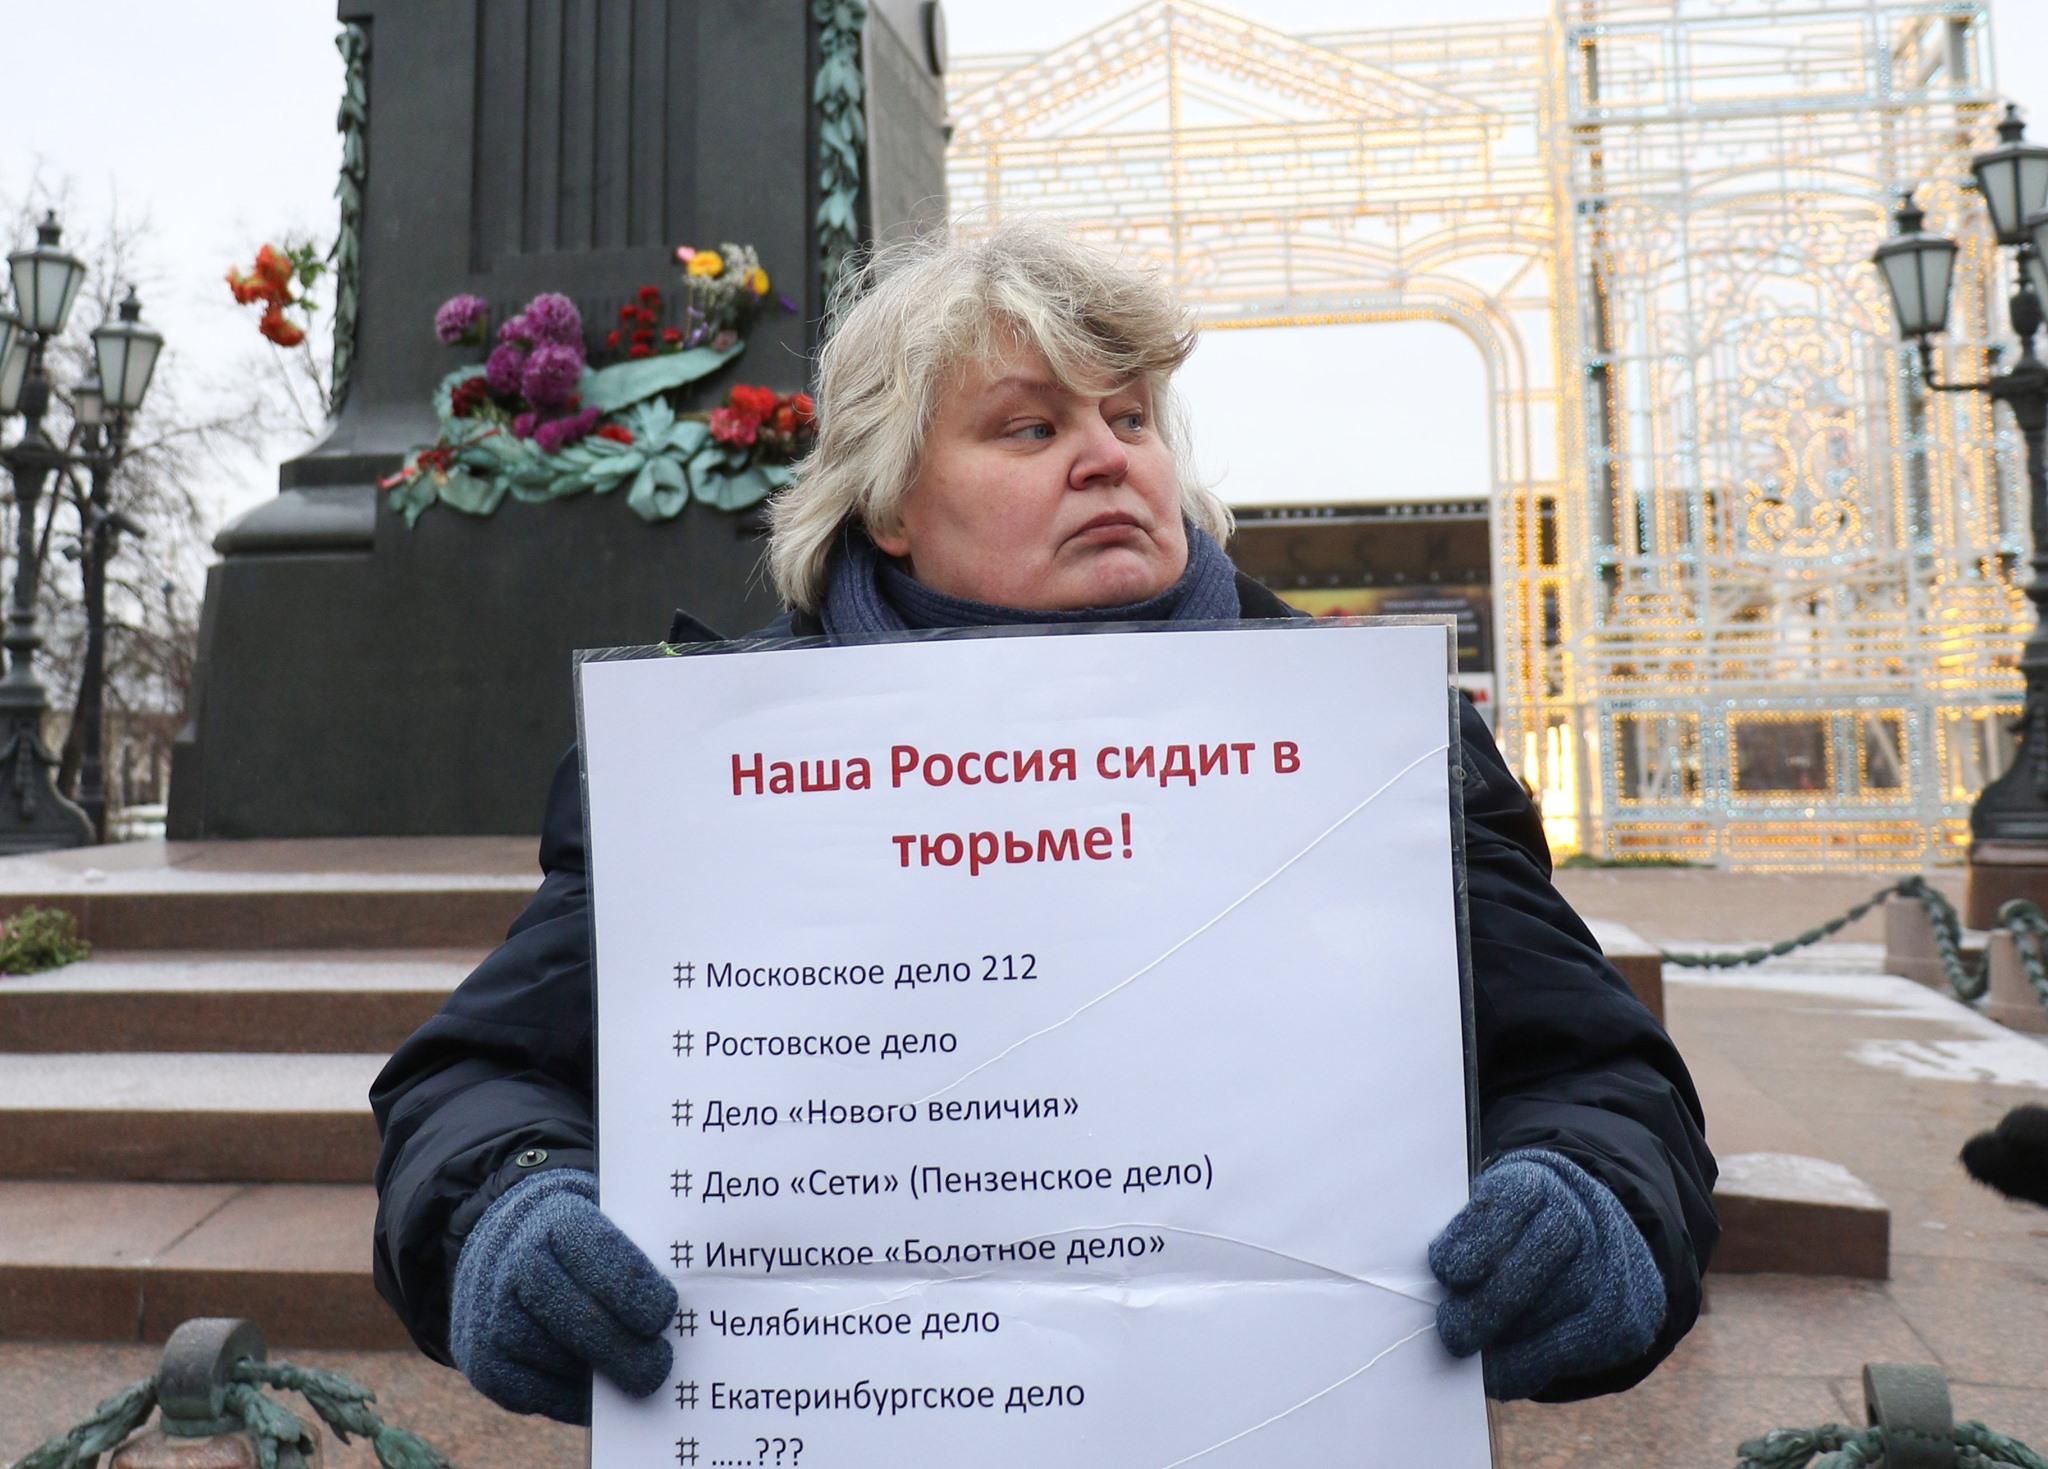 Алла Фролова: «Я — правозащитное МЧС»